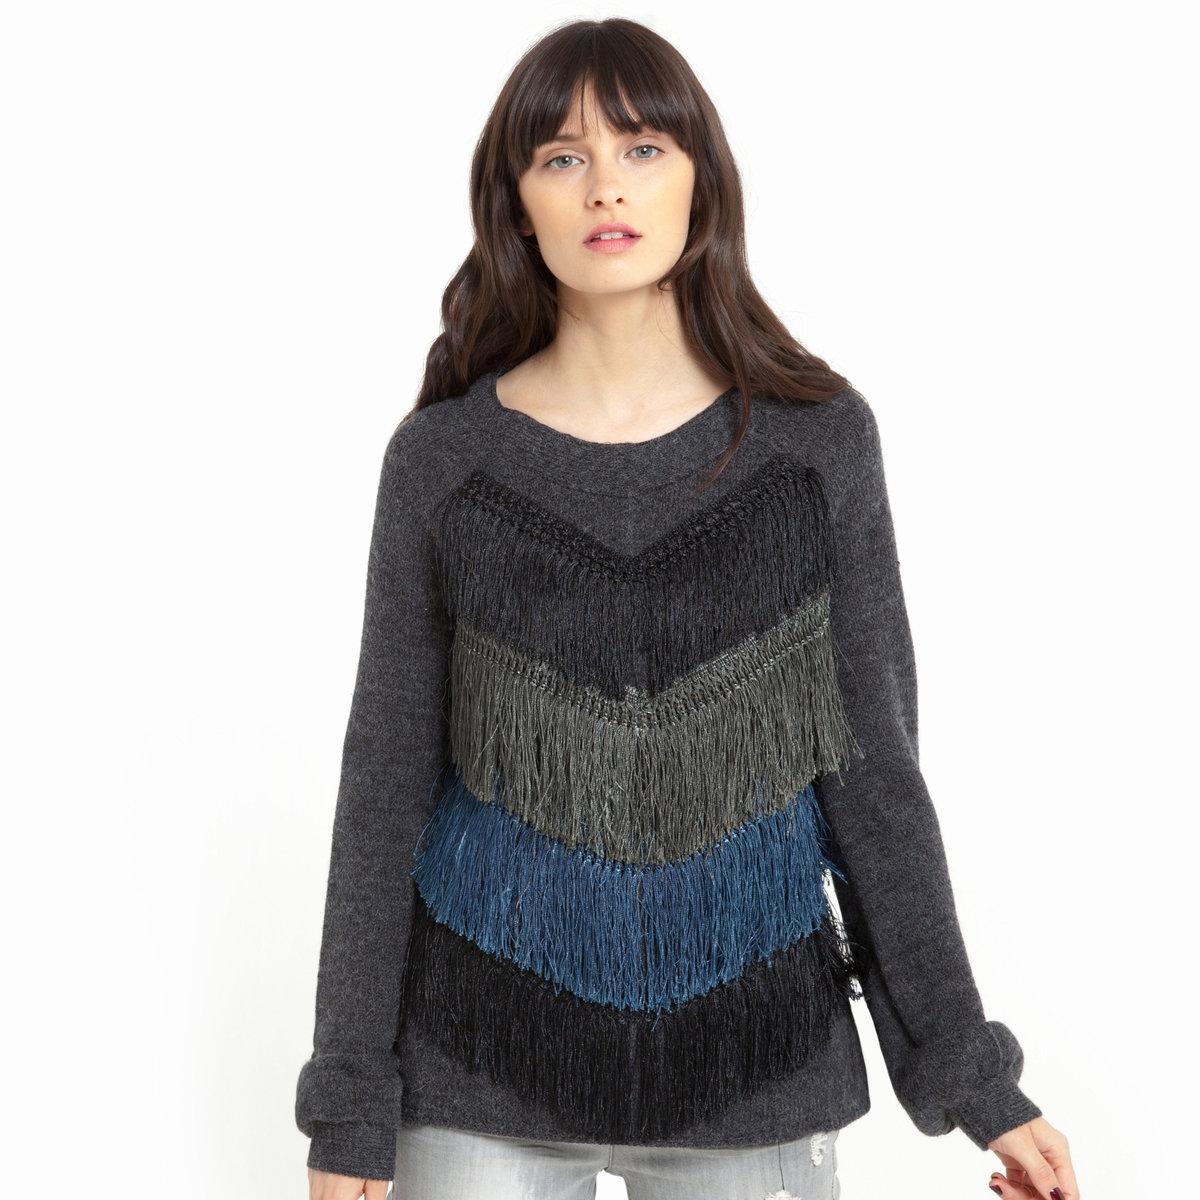 Пуловер из трикотажа с V-образным вырезом и бахромой спередиПуловер из трикотажа: 70% акрила, 20% шерсти, 10% шерсти альпаки. Длинные рукава, V-образный вырез. Бахрома спереди. Однотонная спинка.Длина 62 см<br><br>Цвет: темно-серый<br>Размер: 34/36 (FR) - 40/42 (RUS)